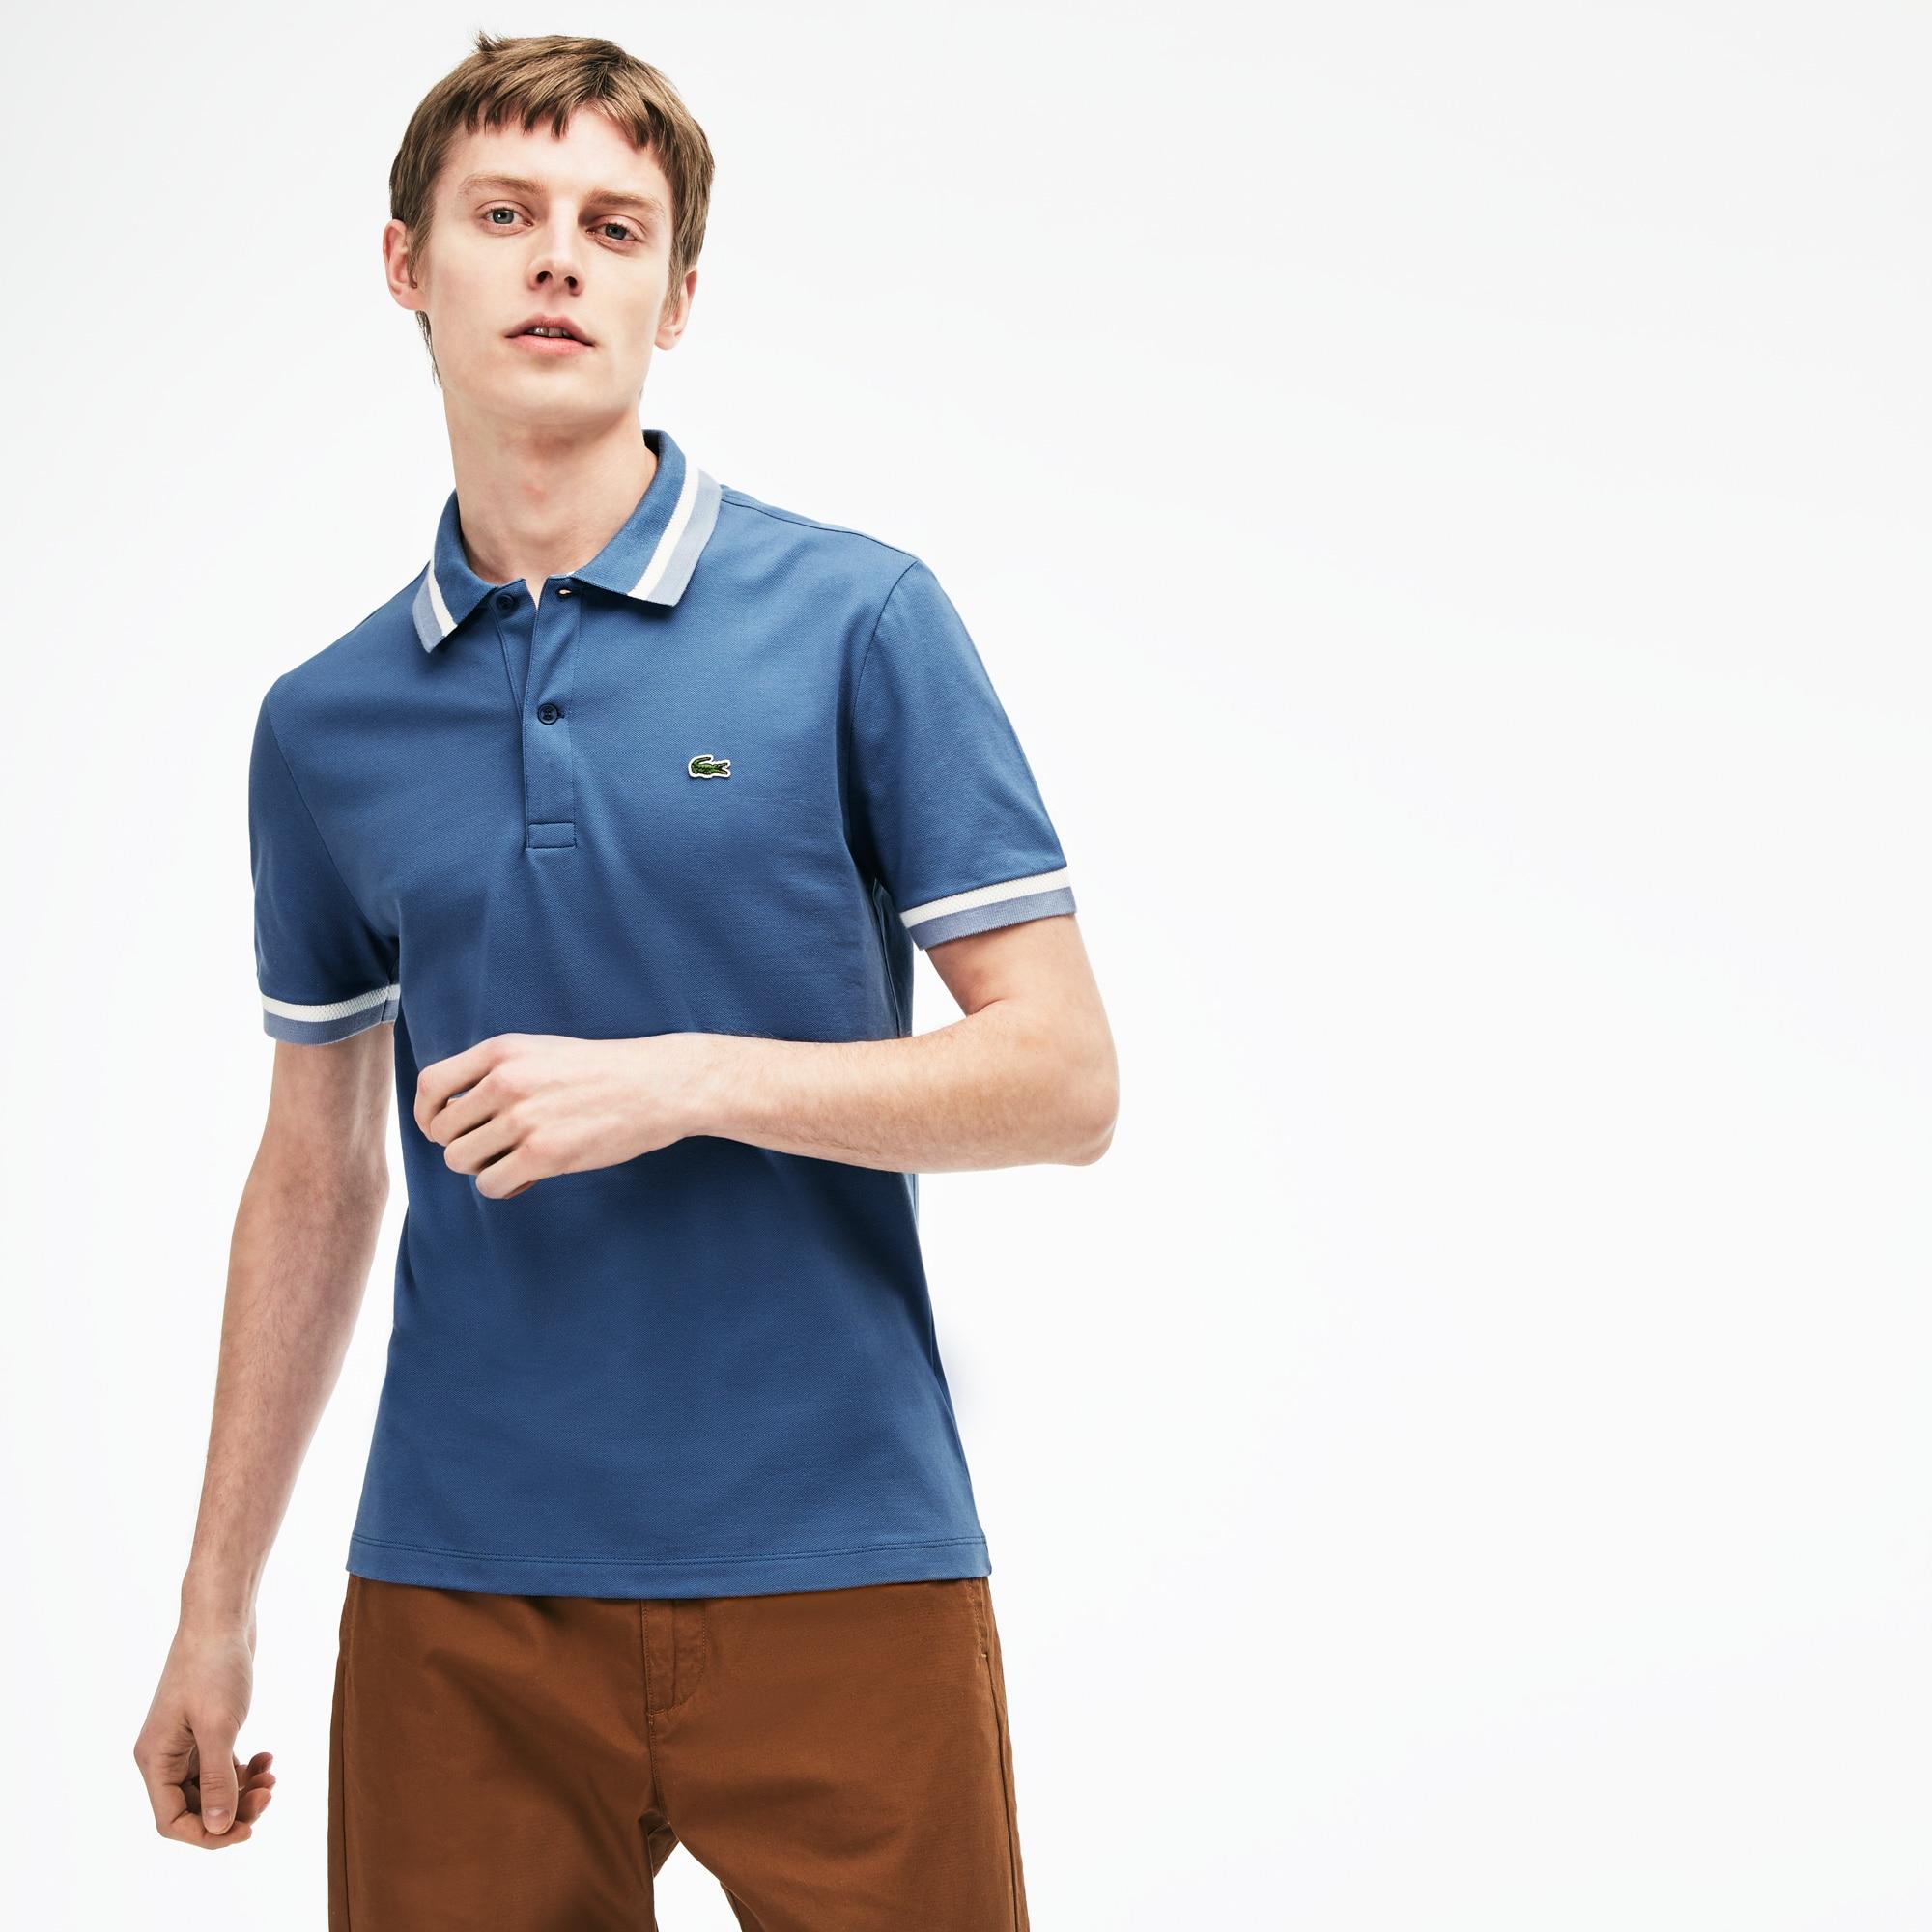 Shirt Pas Cher lacoste T Lacoste Homme Contrefacon kZiuOPwXT